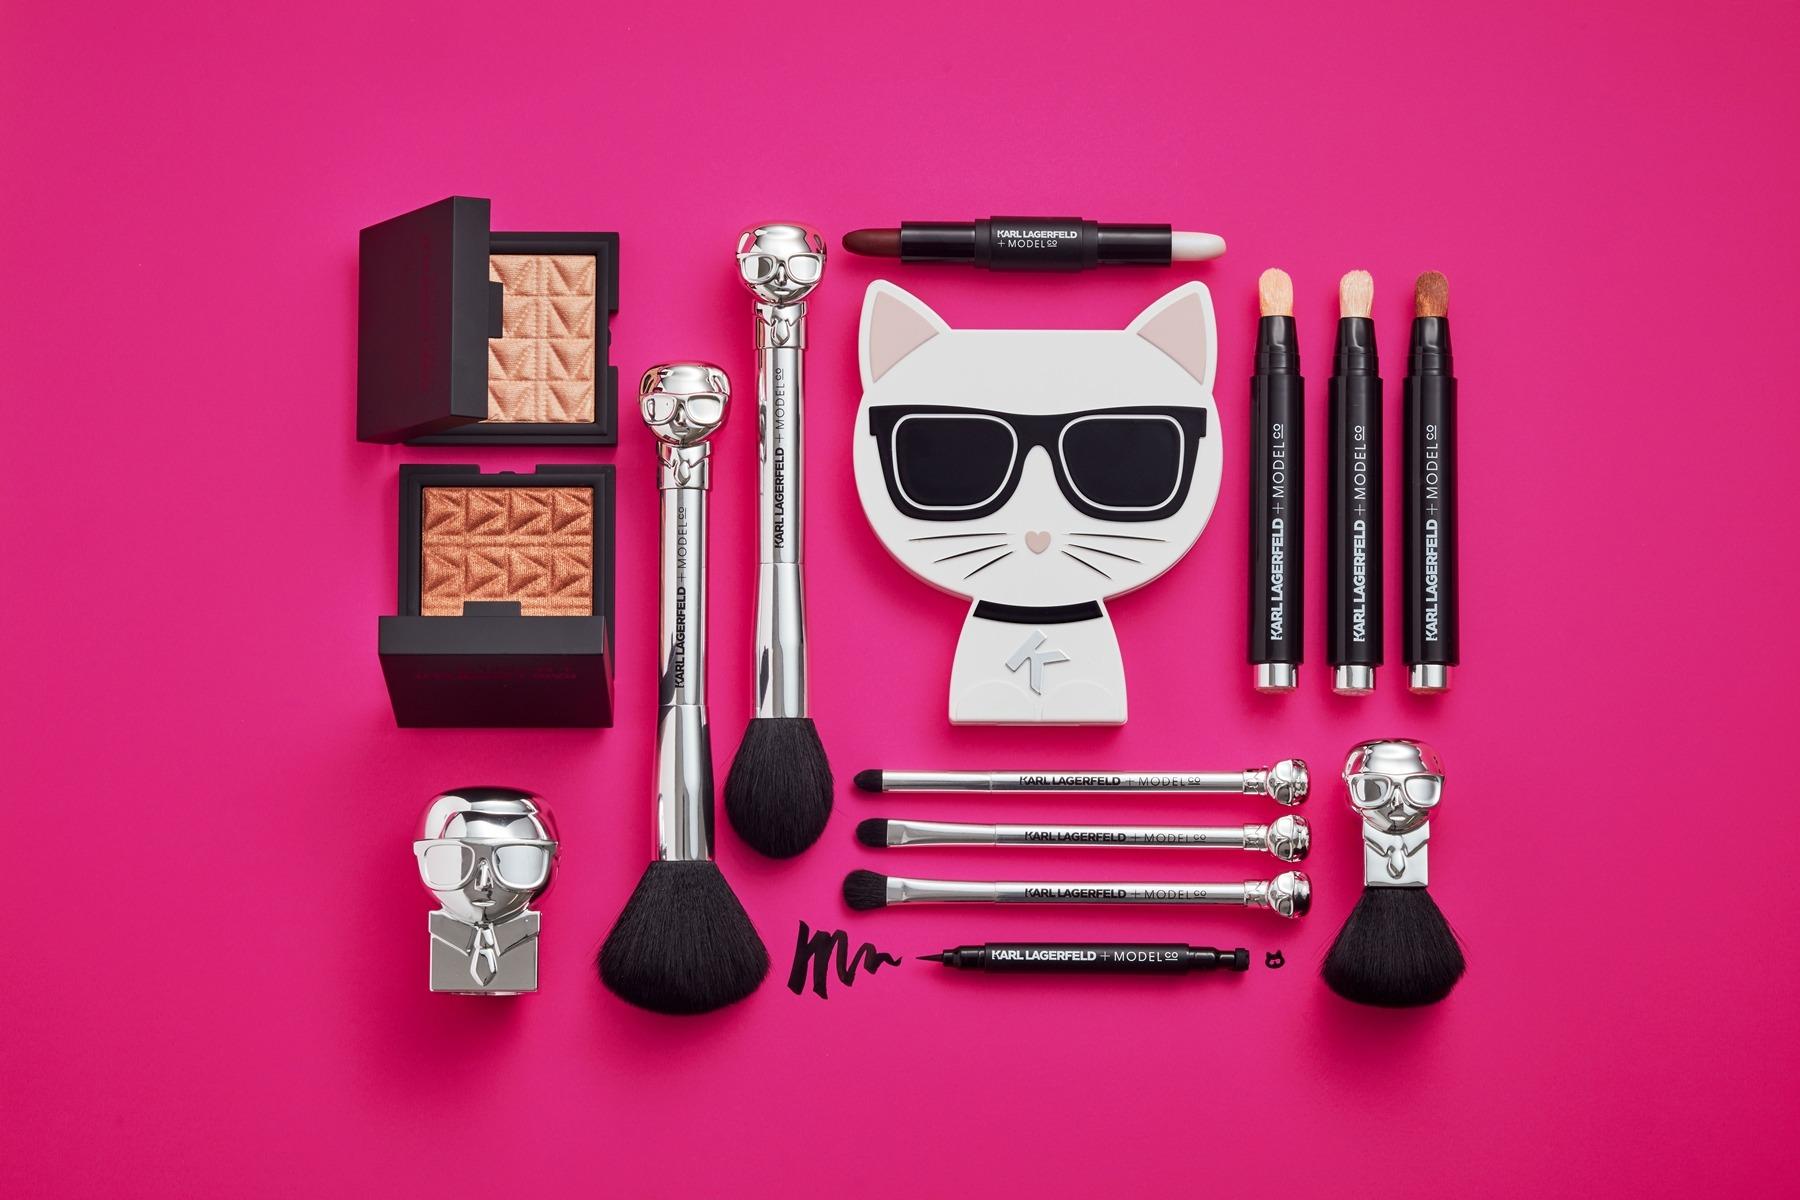 Konačno smo dočekali hvaljenu Karl Lagerfeld+ModelCo kolekciju!